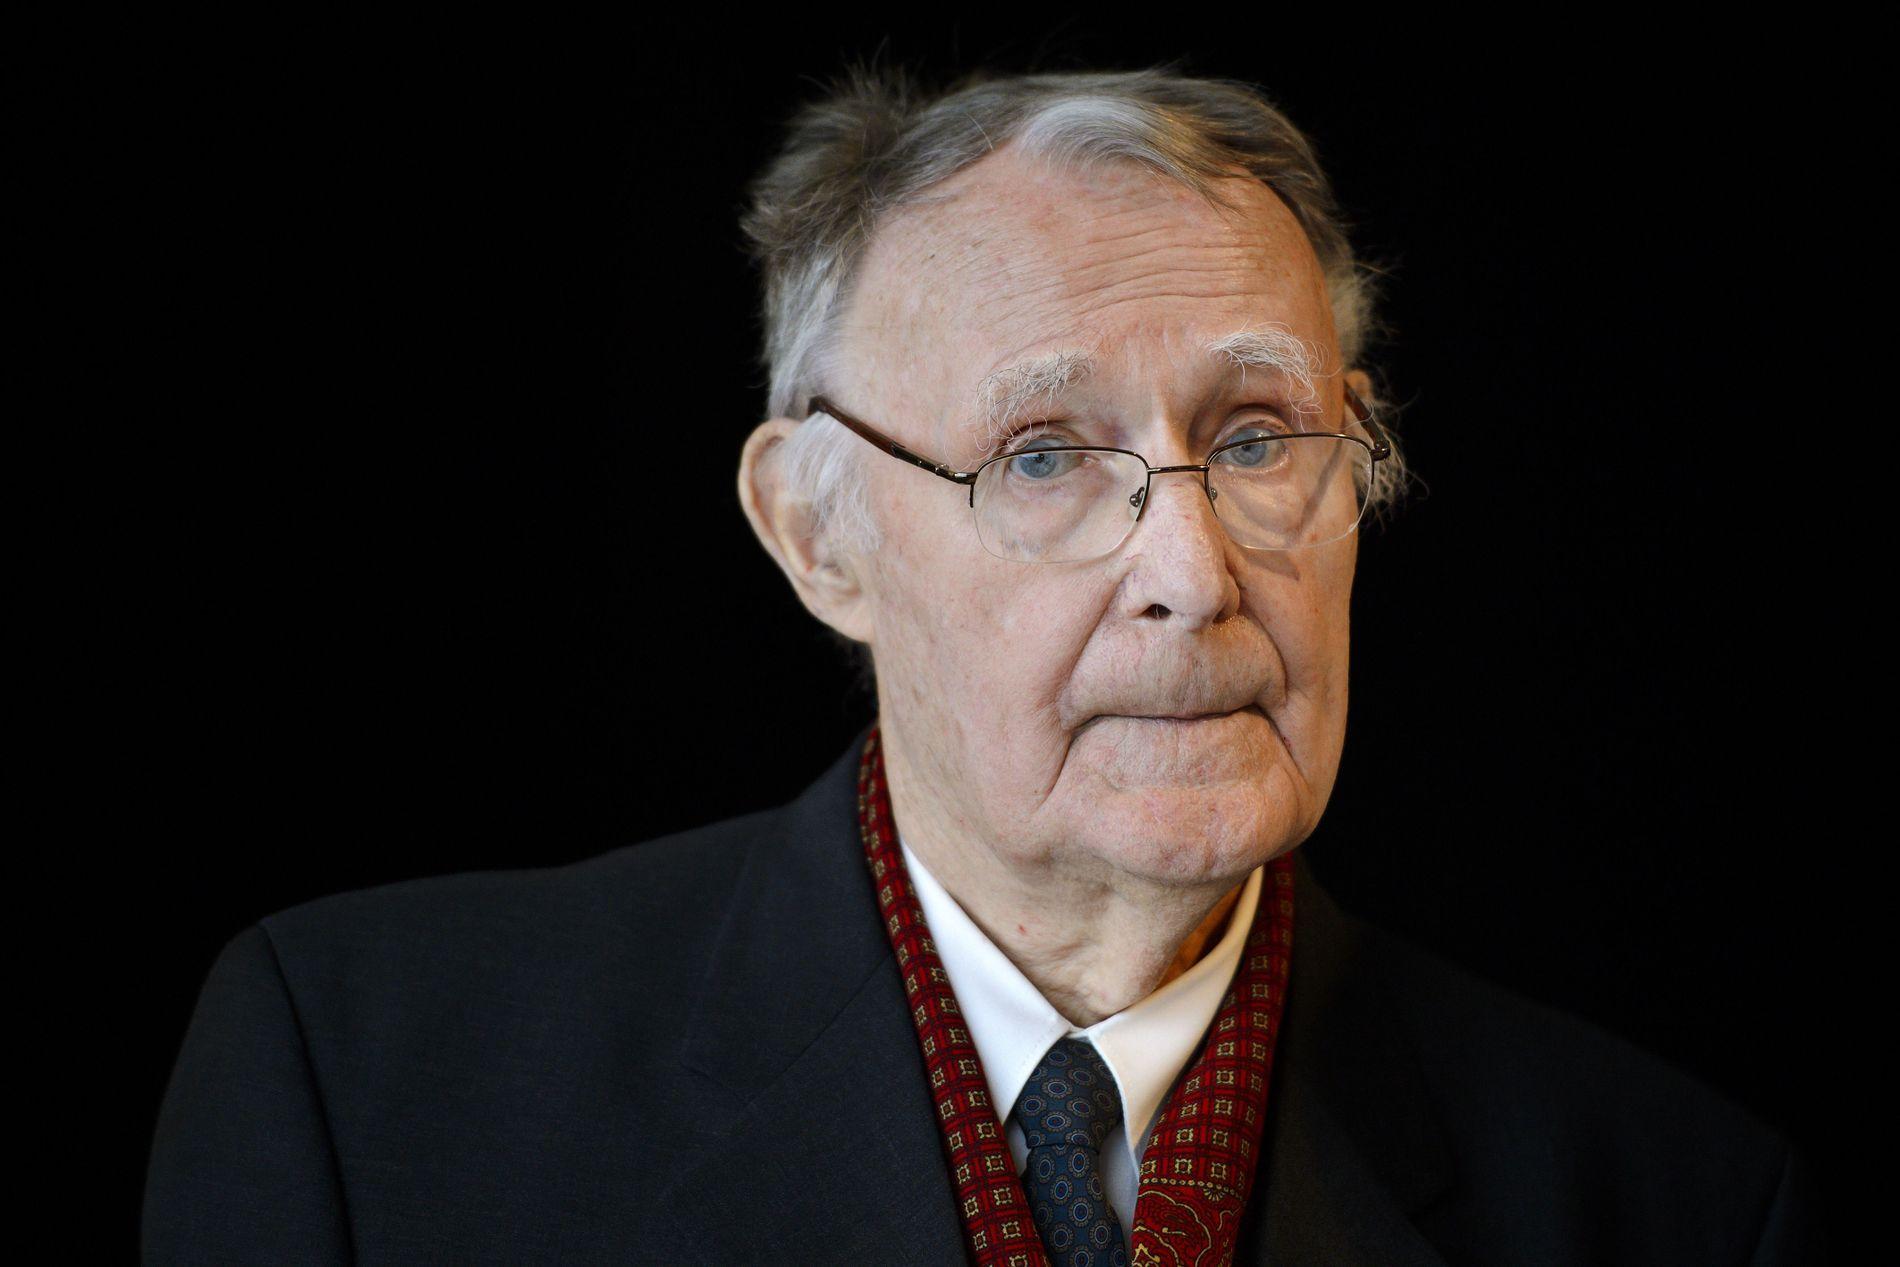 DØD: Ingvar Kamprad (91) døde i januar i år.